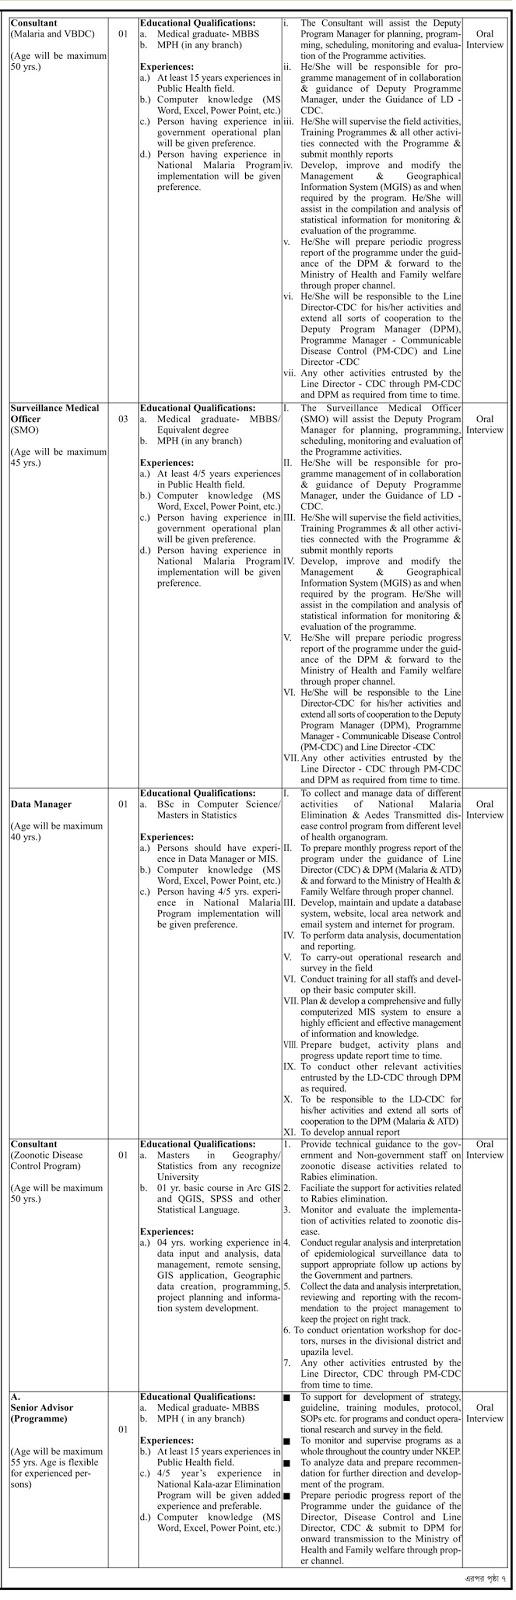 Directorate General of Health Services (DGHS) Job Circular 2018